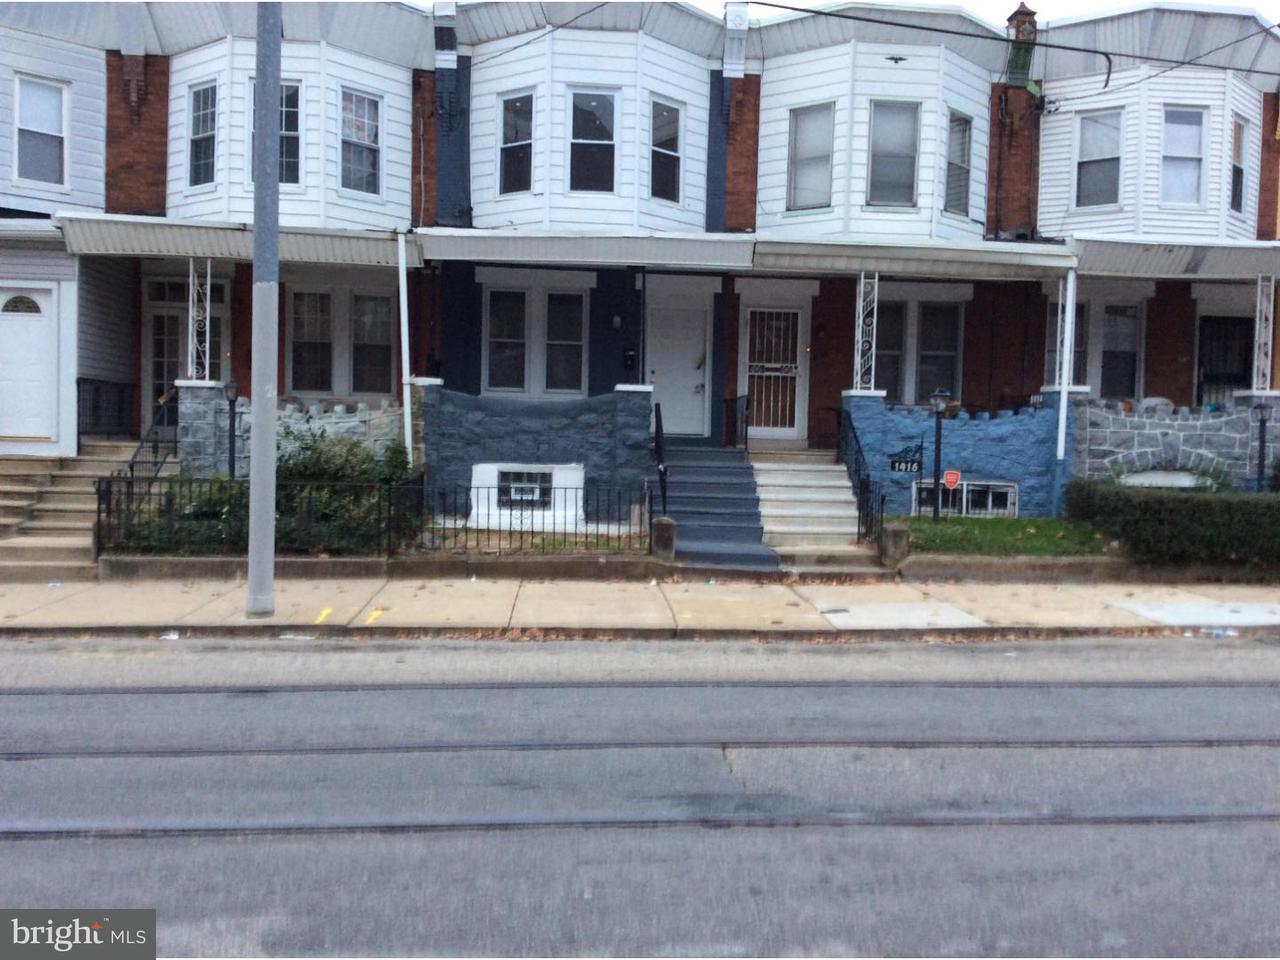 1414 N 60TH Philadelphia, PA 19151